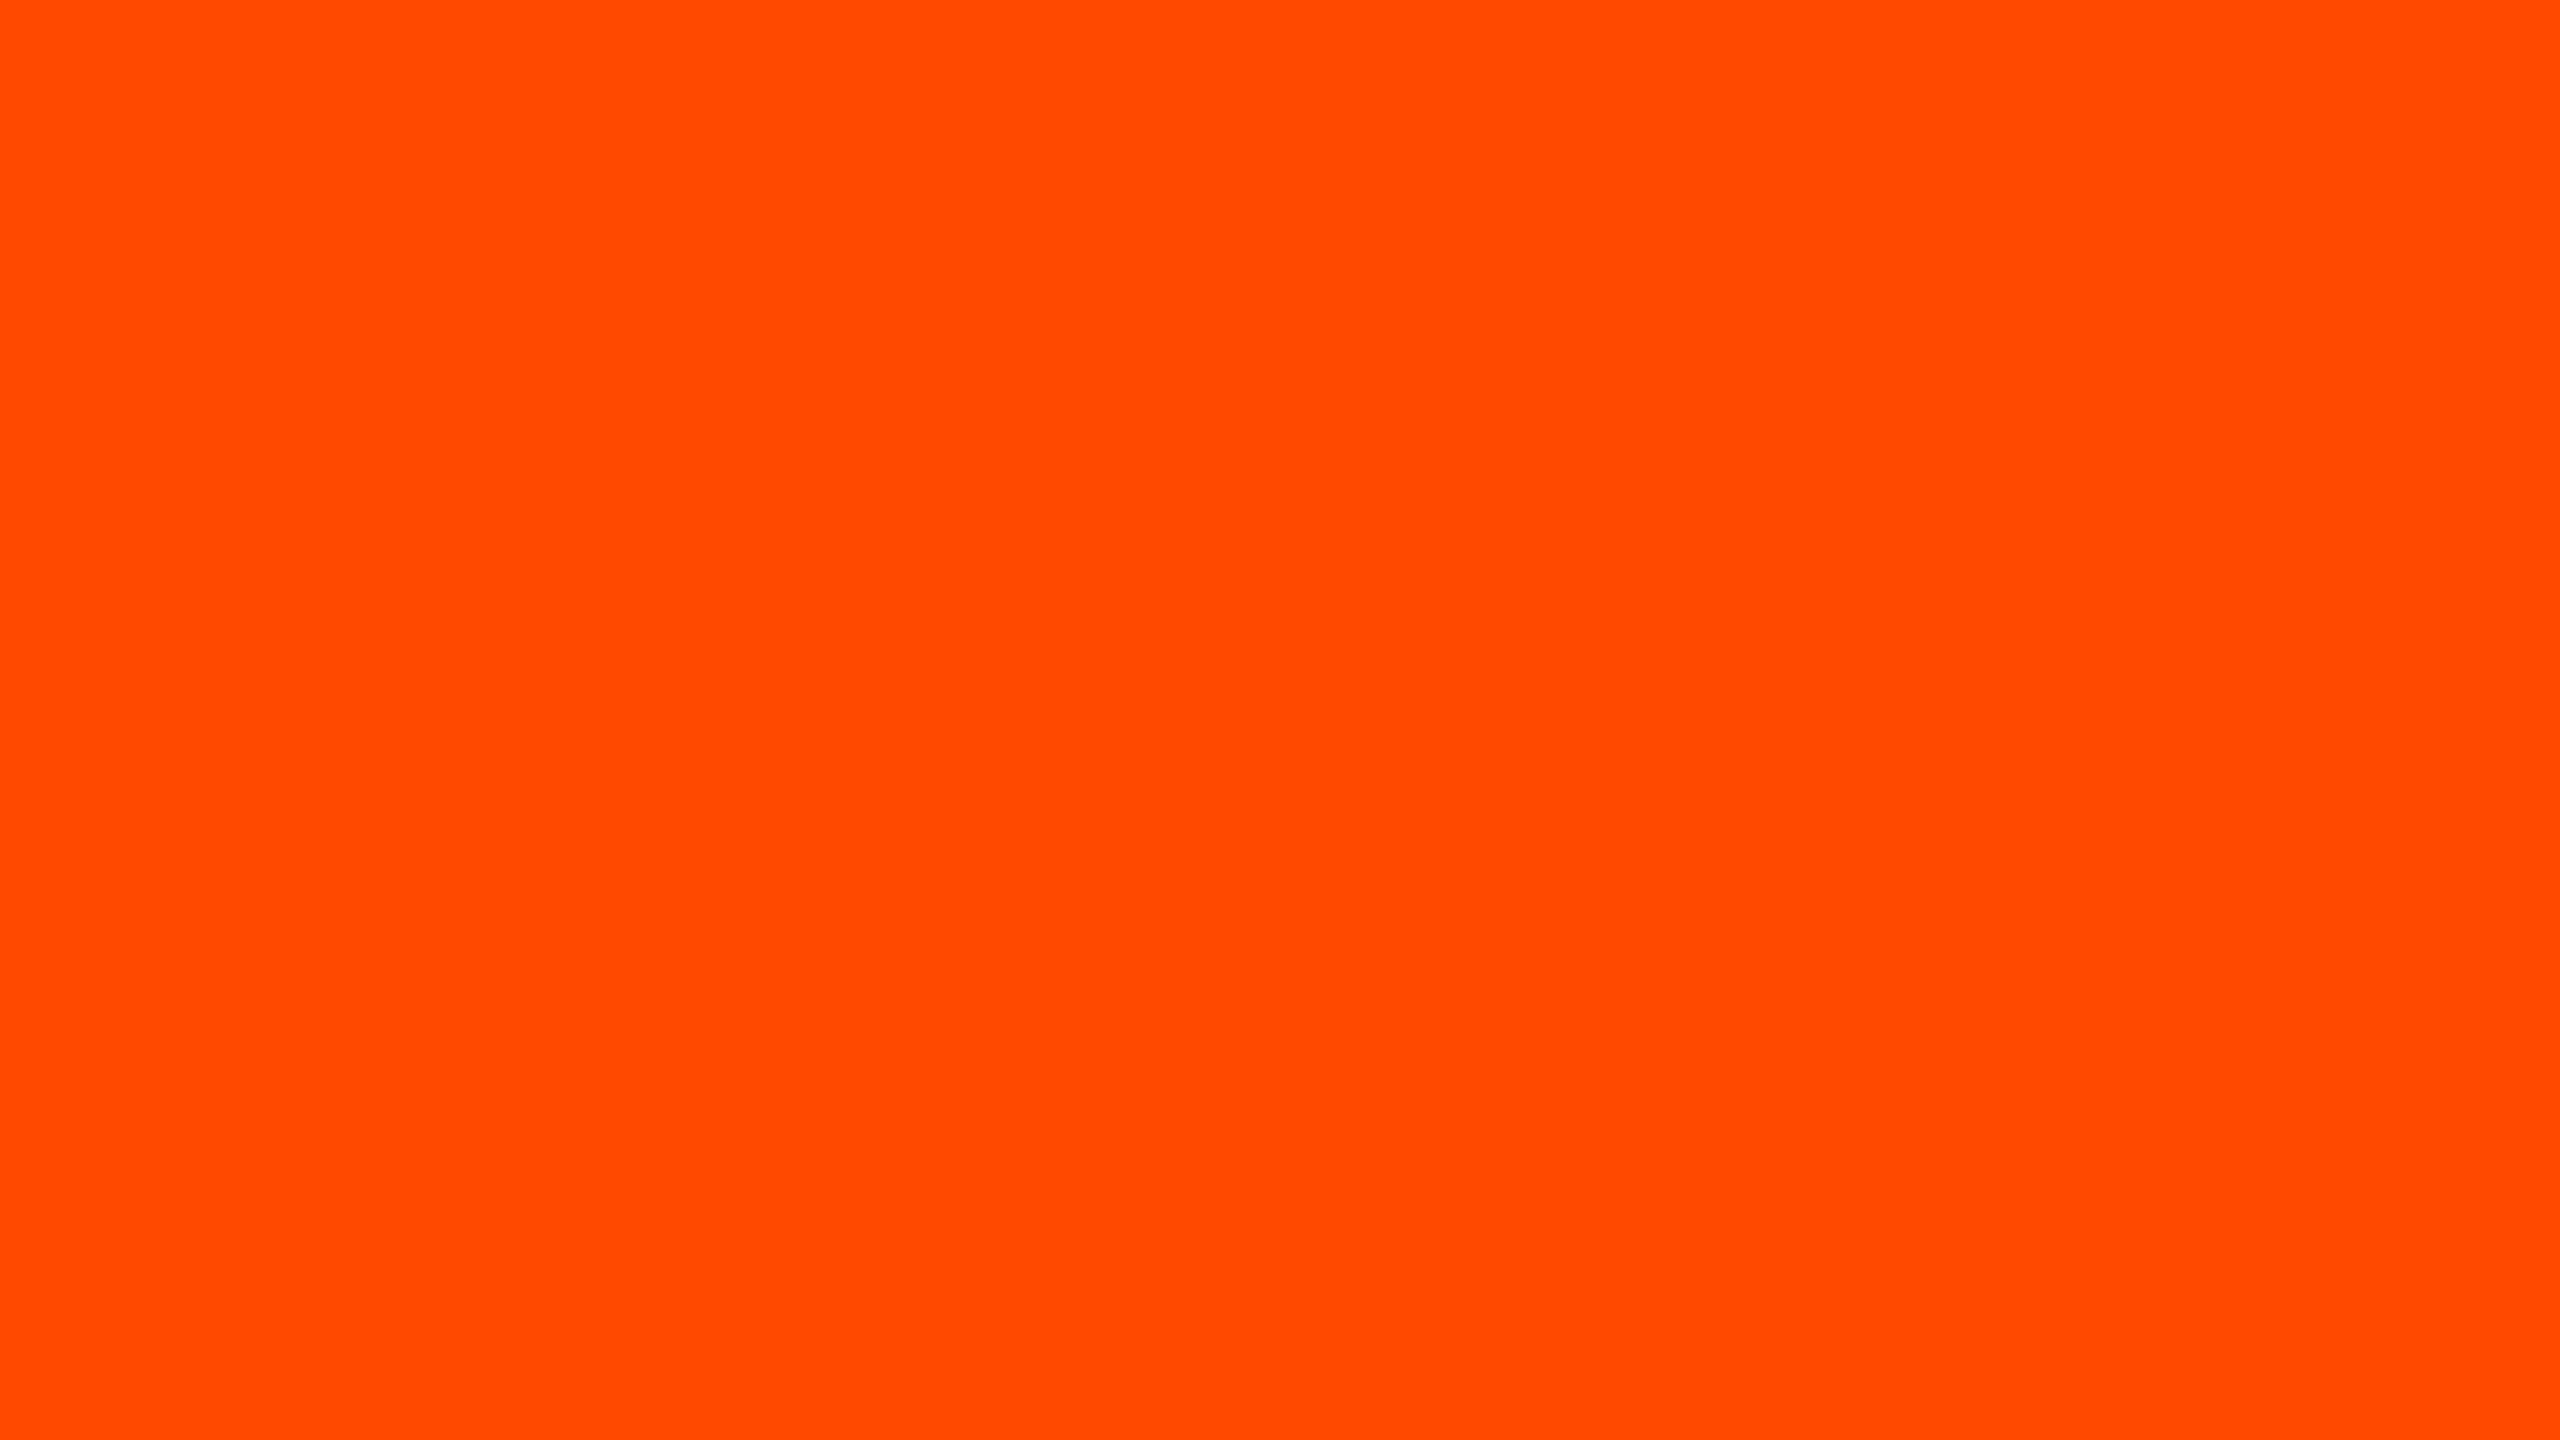 ароматную чисто оранжевая картинка обычный горшок